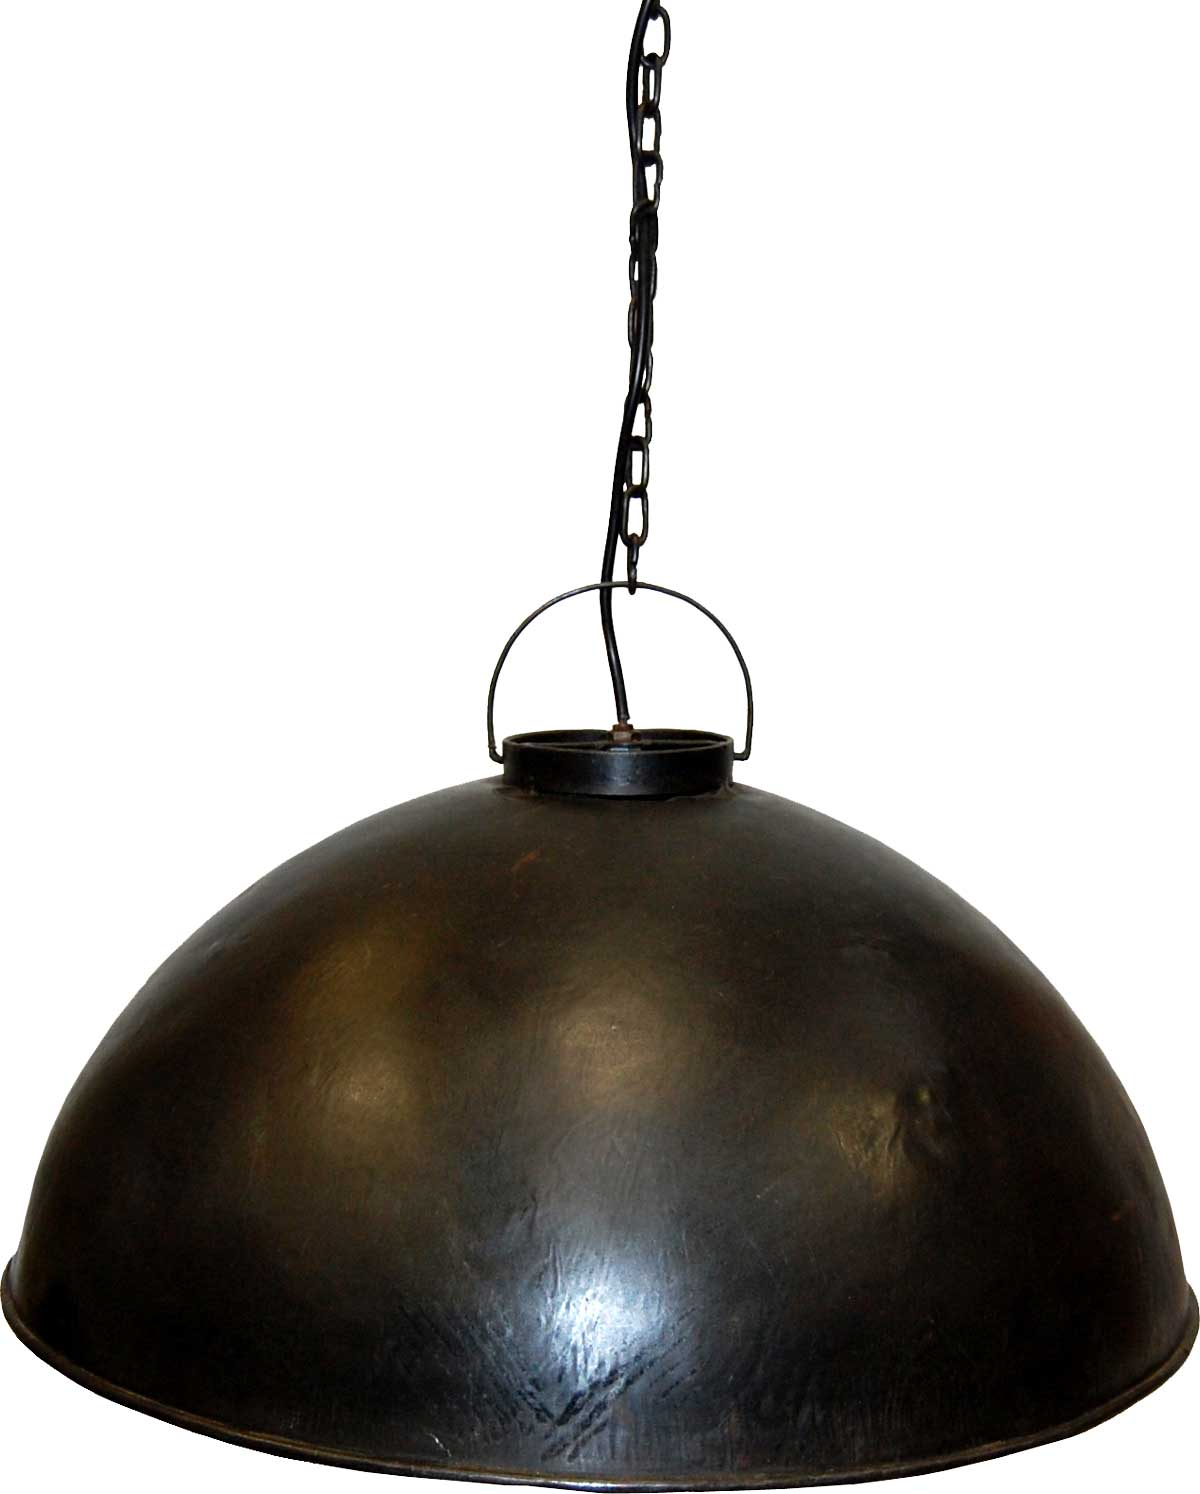 Image of   TRADEMARK LIVING Loftpendel i fabriksstil - burned wax jern - stor